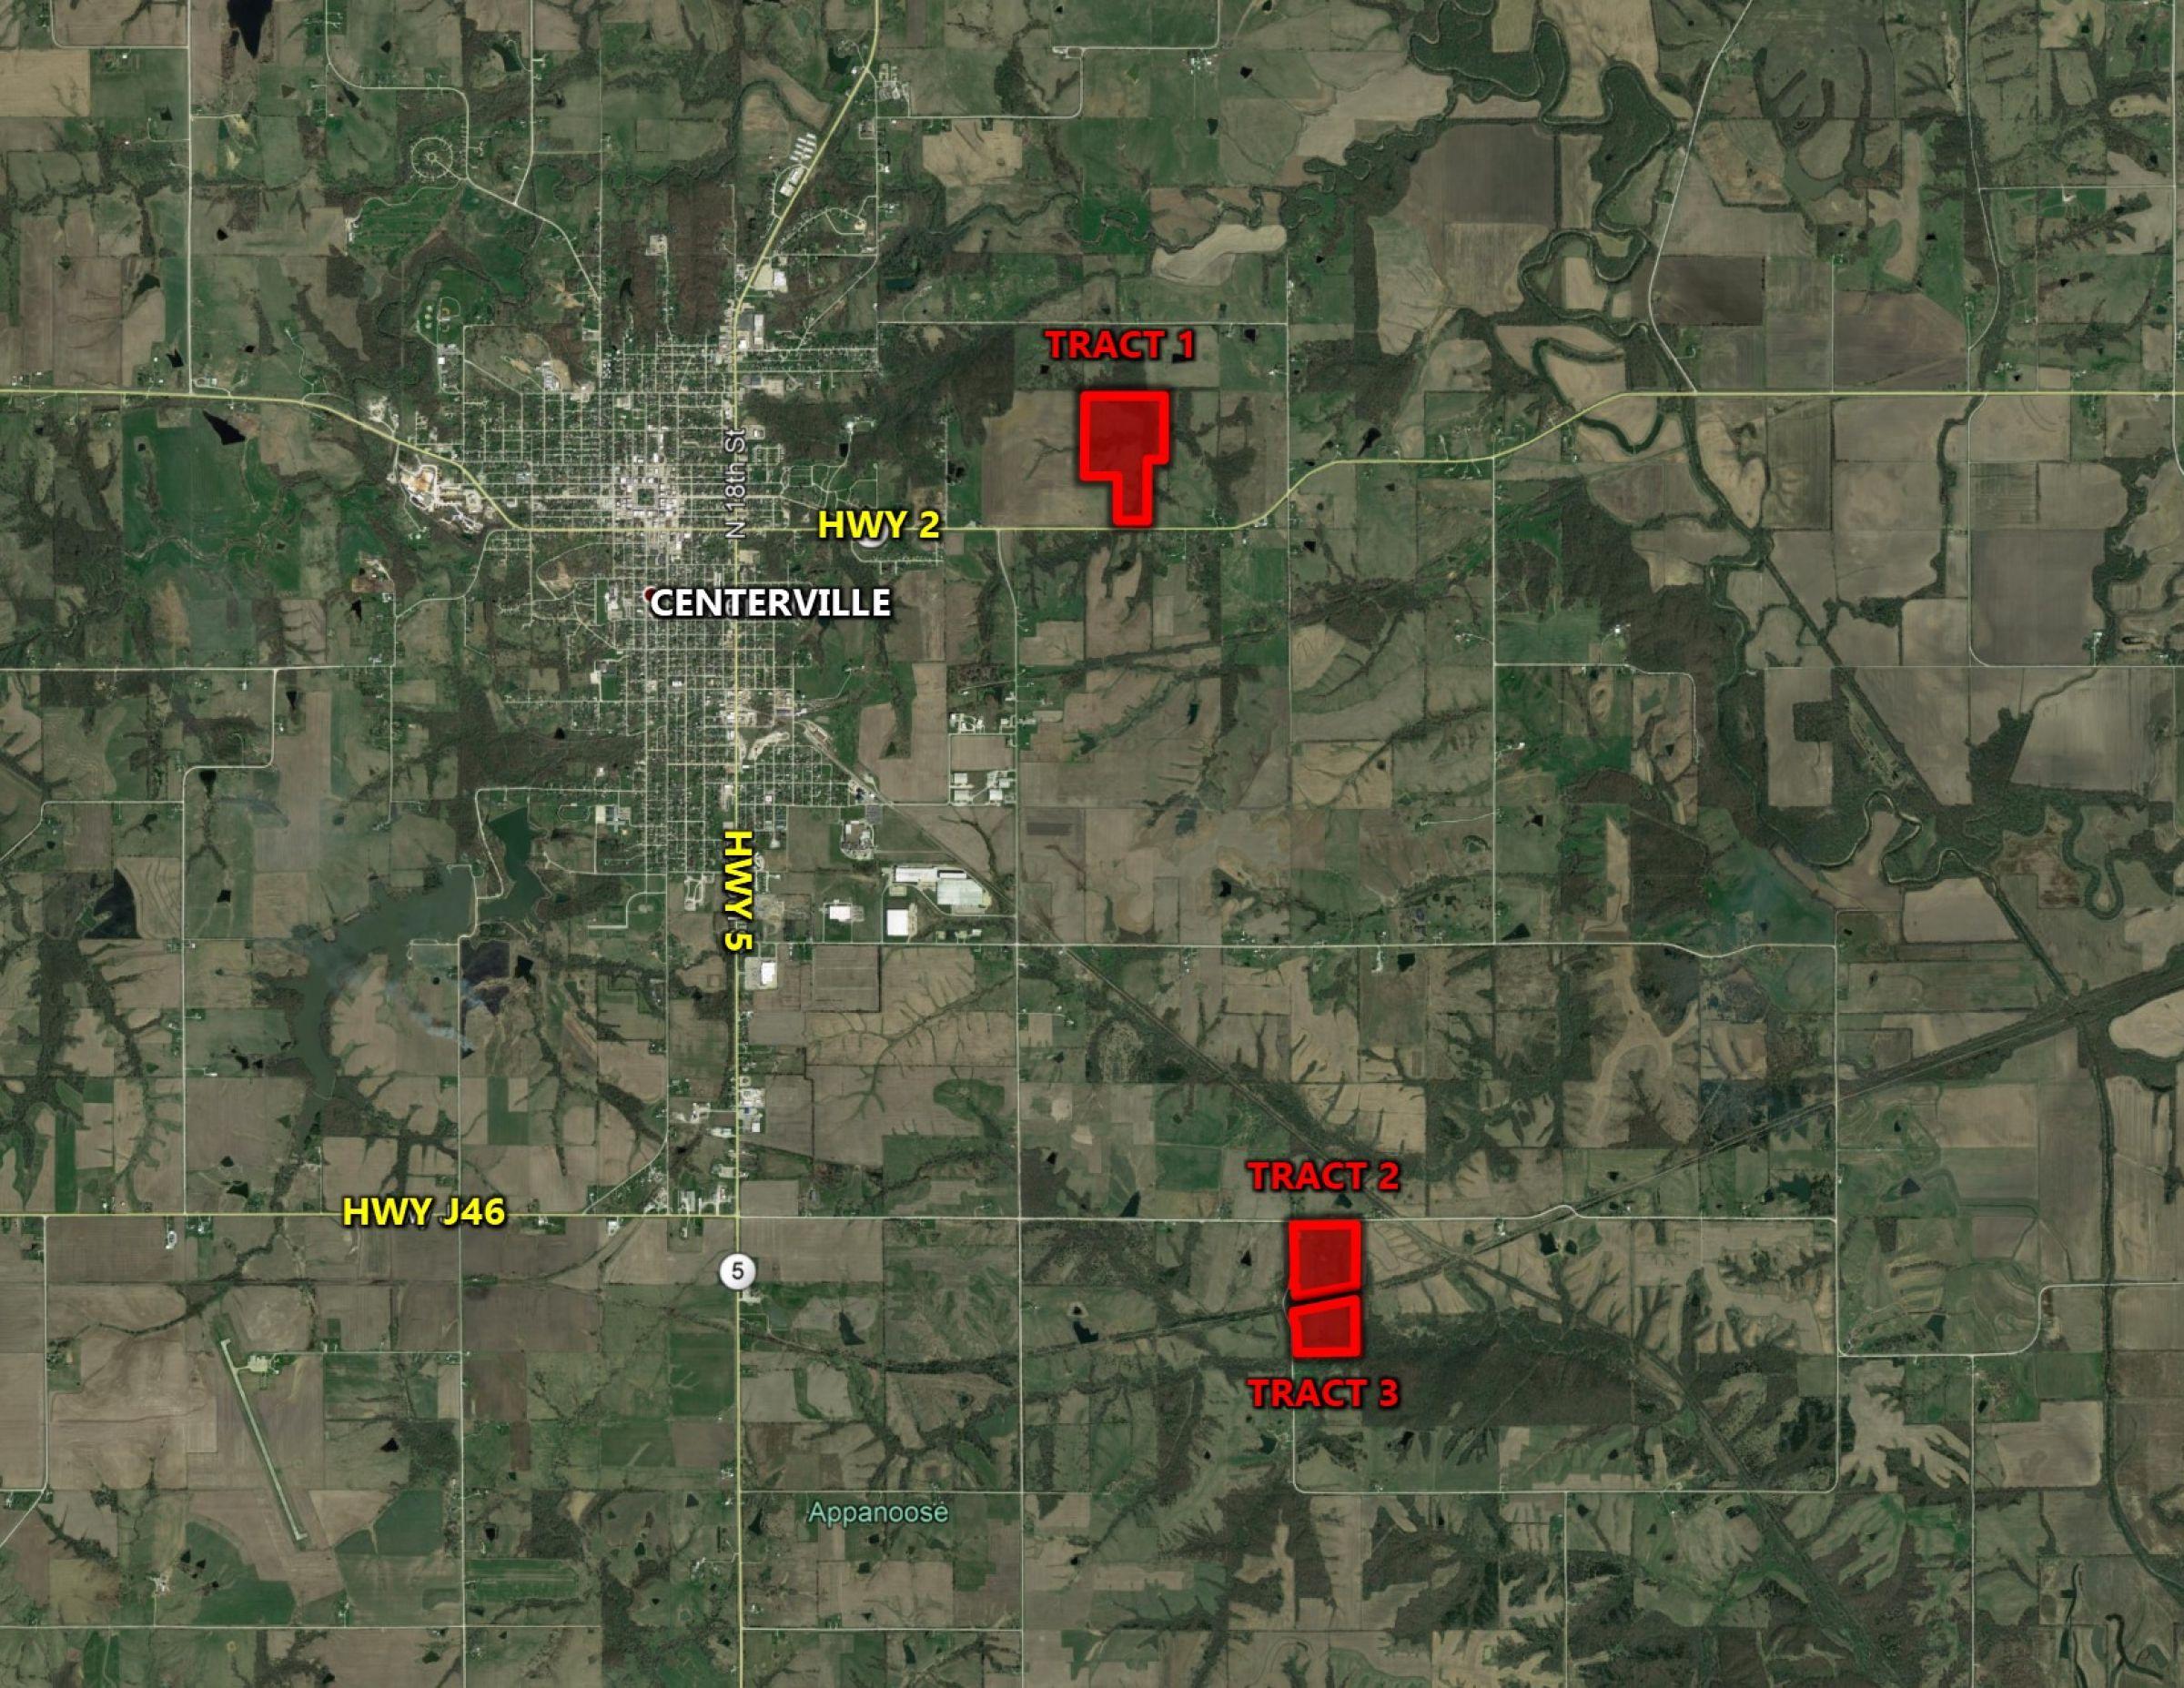 1-hwy-2-centerville-52544-0-2020-05-02-020712.jpg